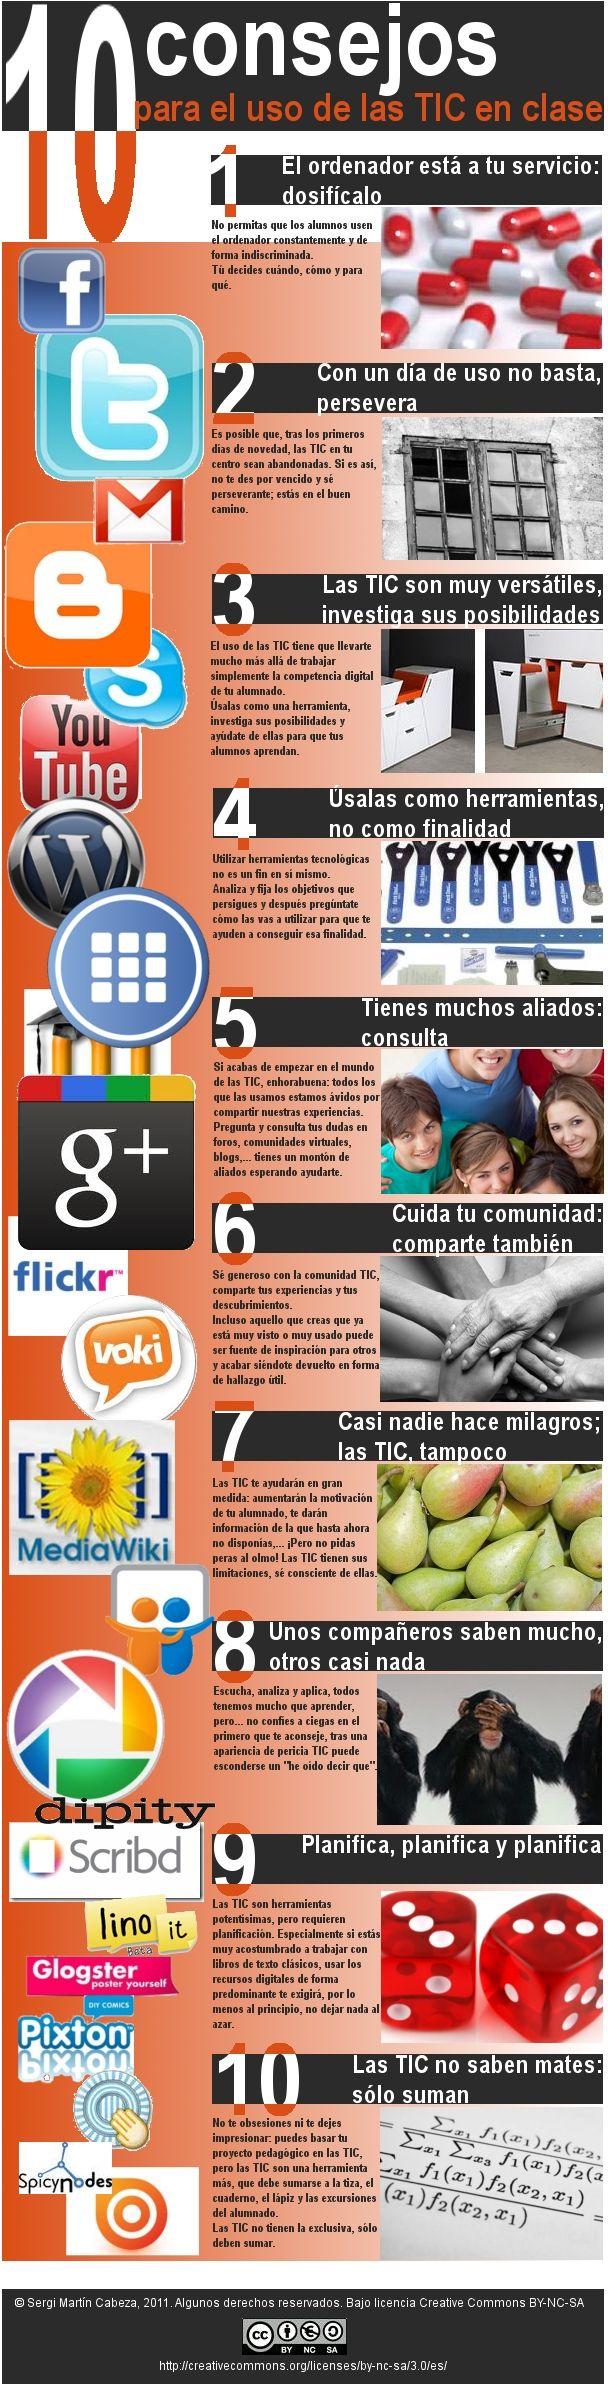 10 Tips para sacarle provecho a las redes sociales en clase